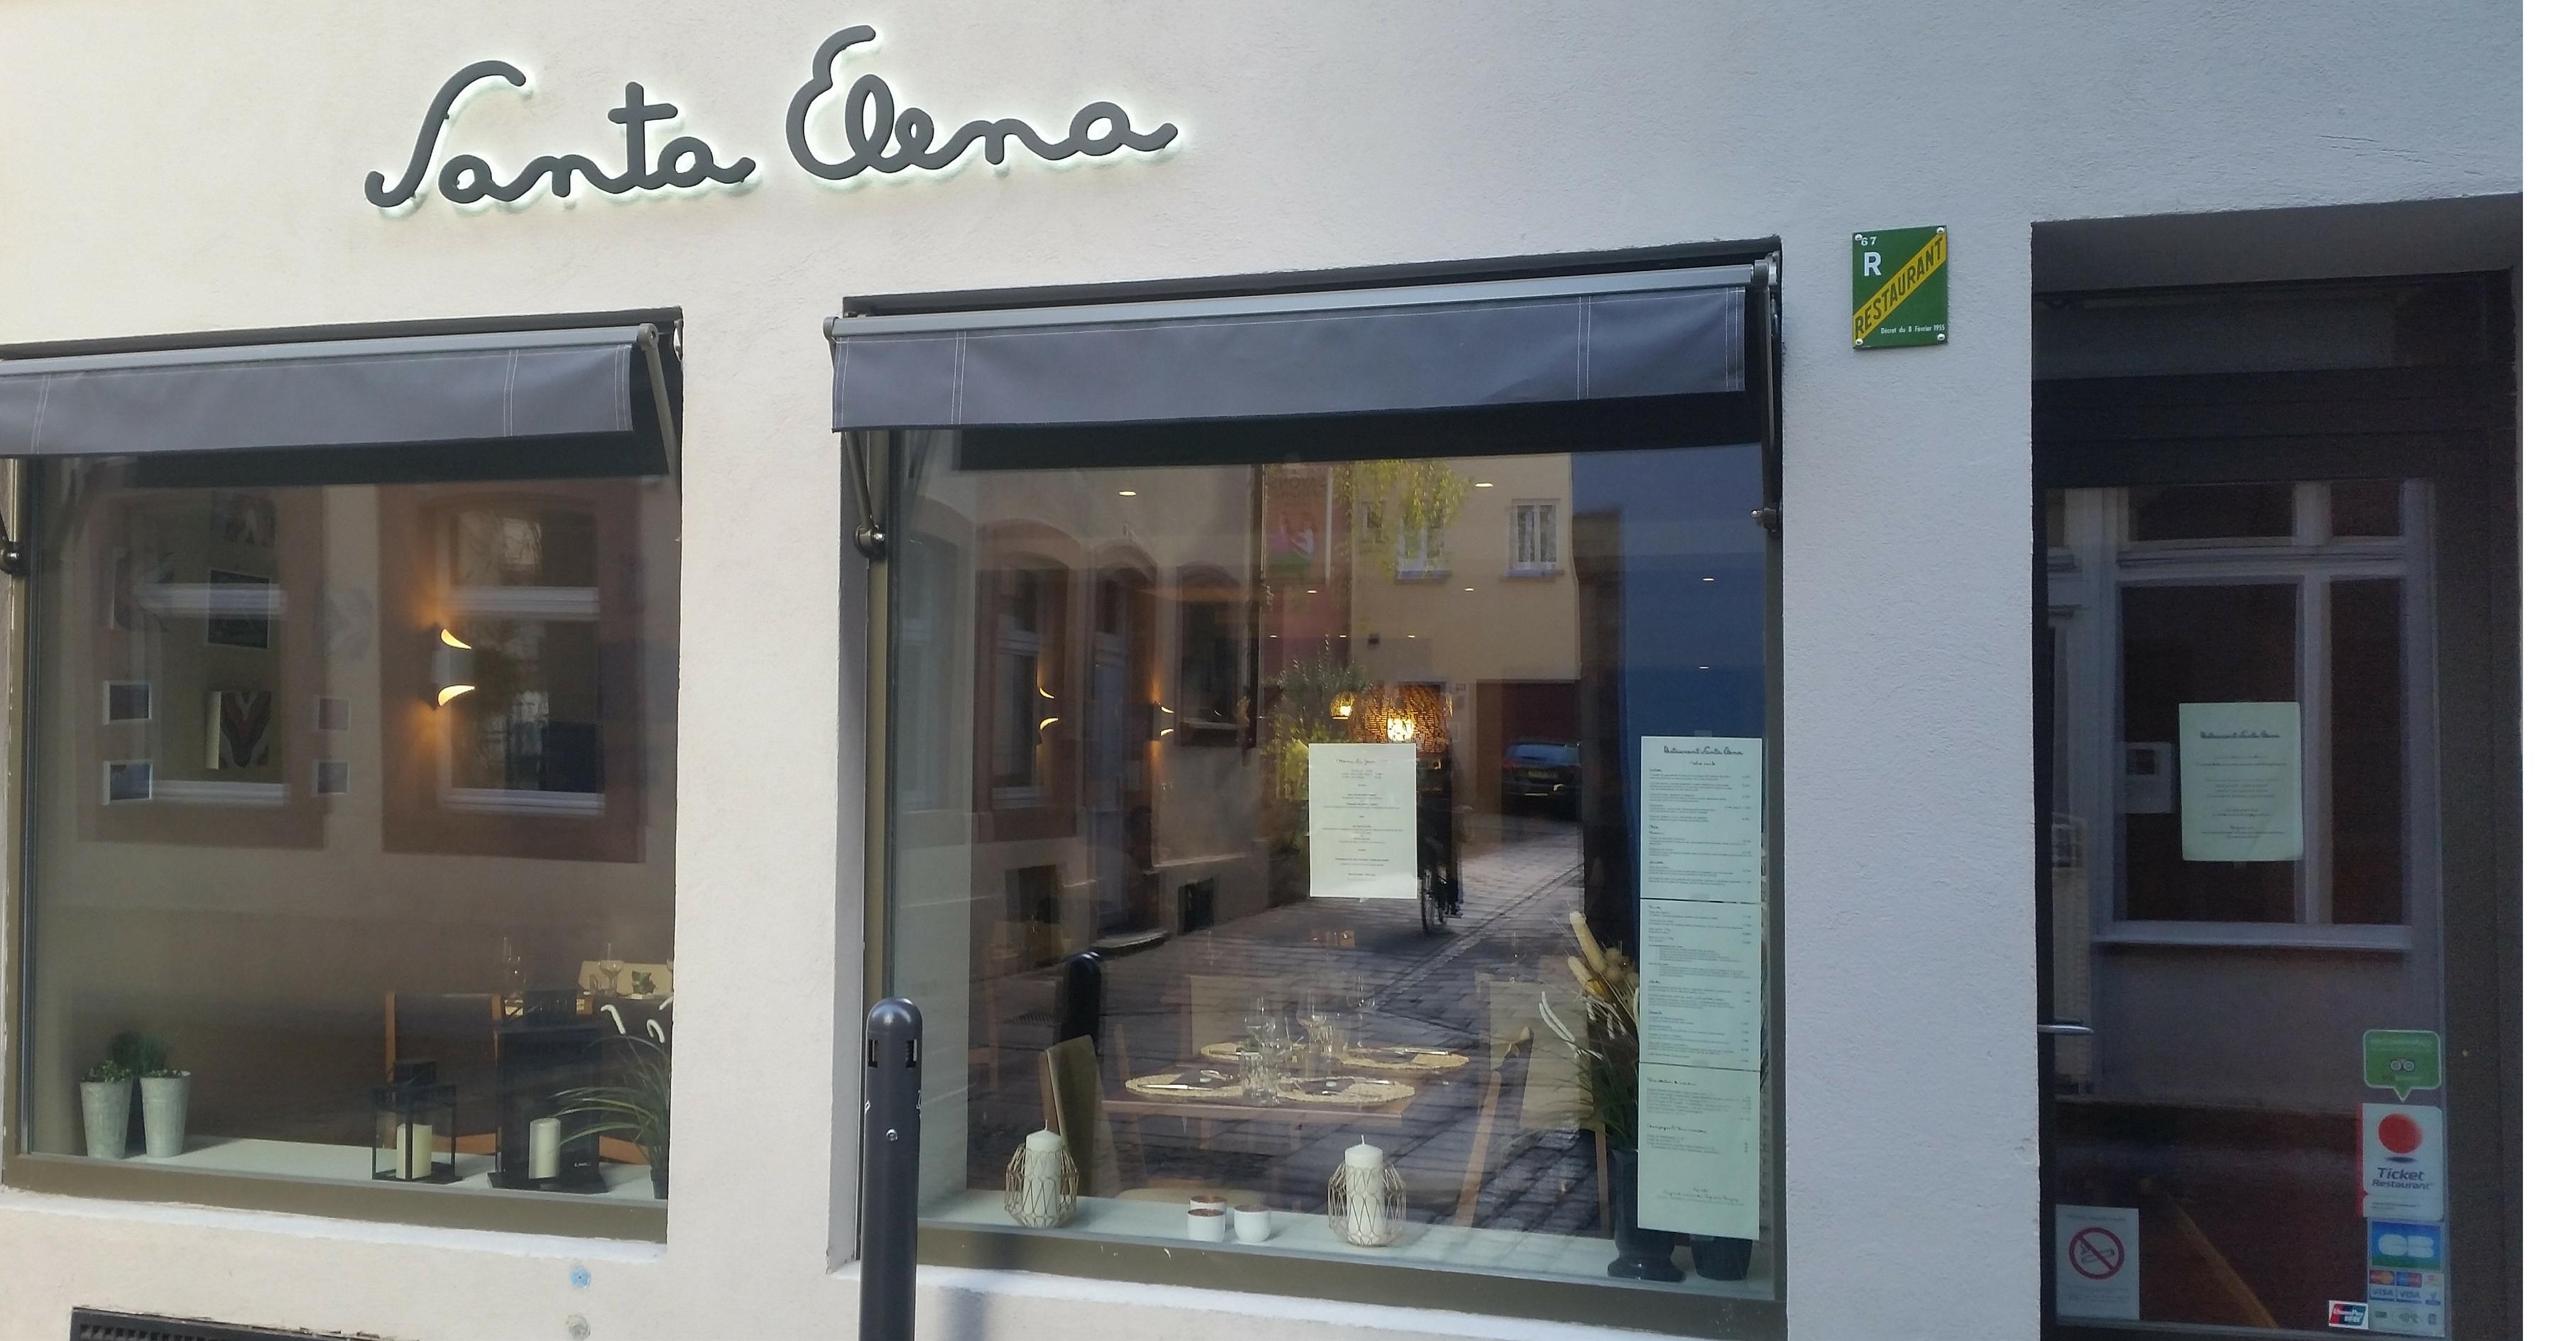 Santa-elena-vitrine